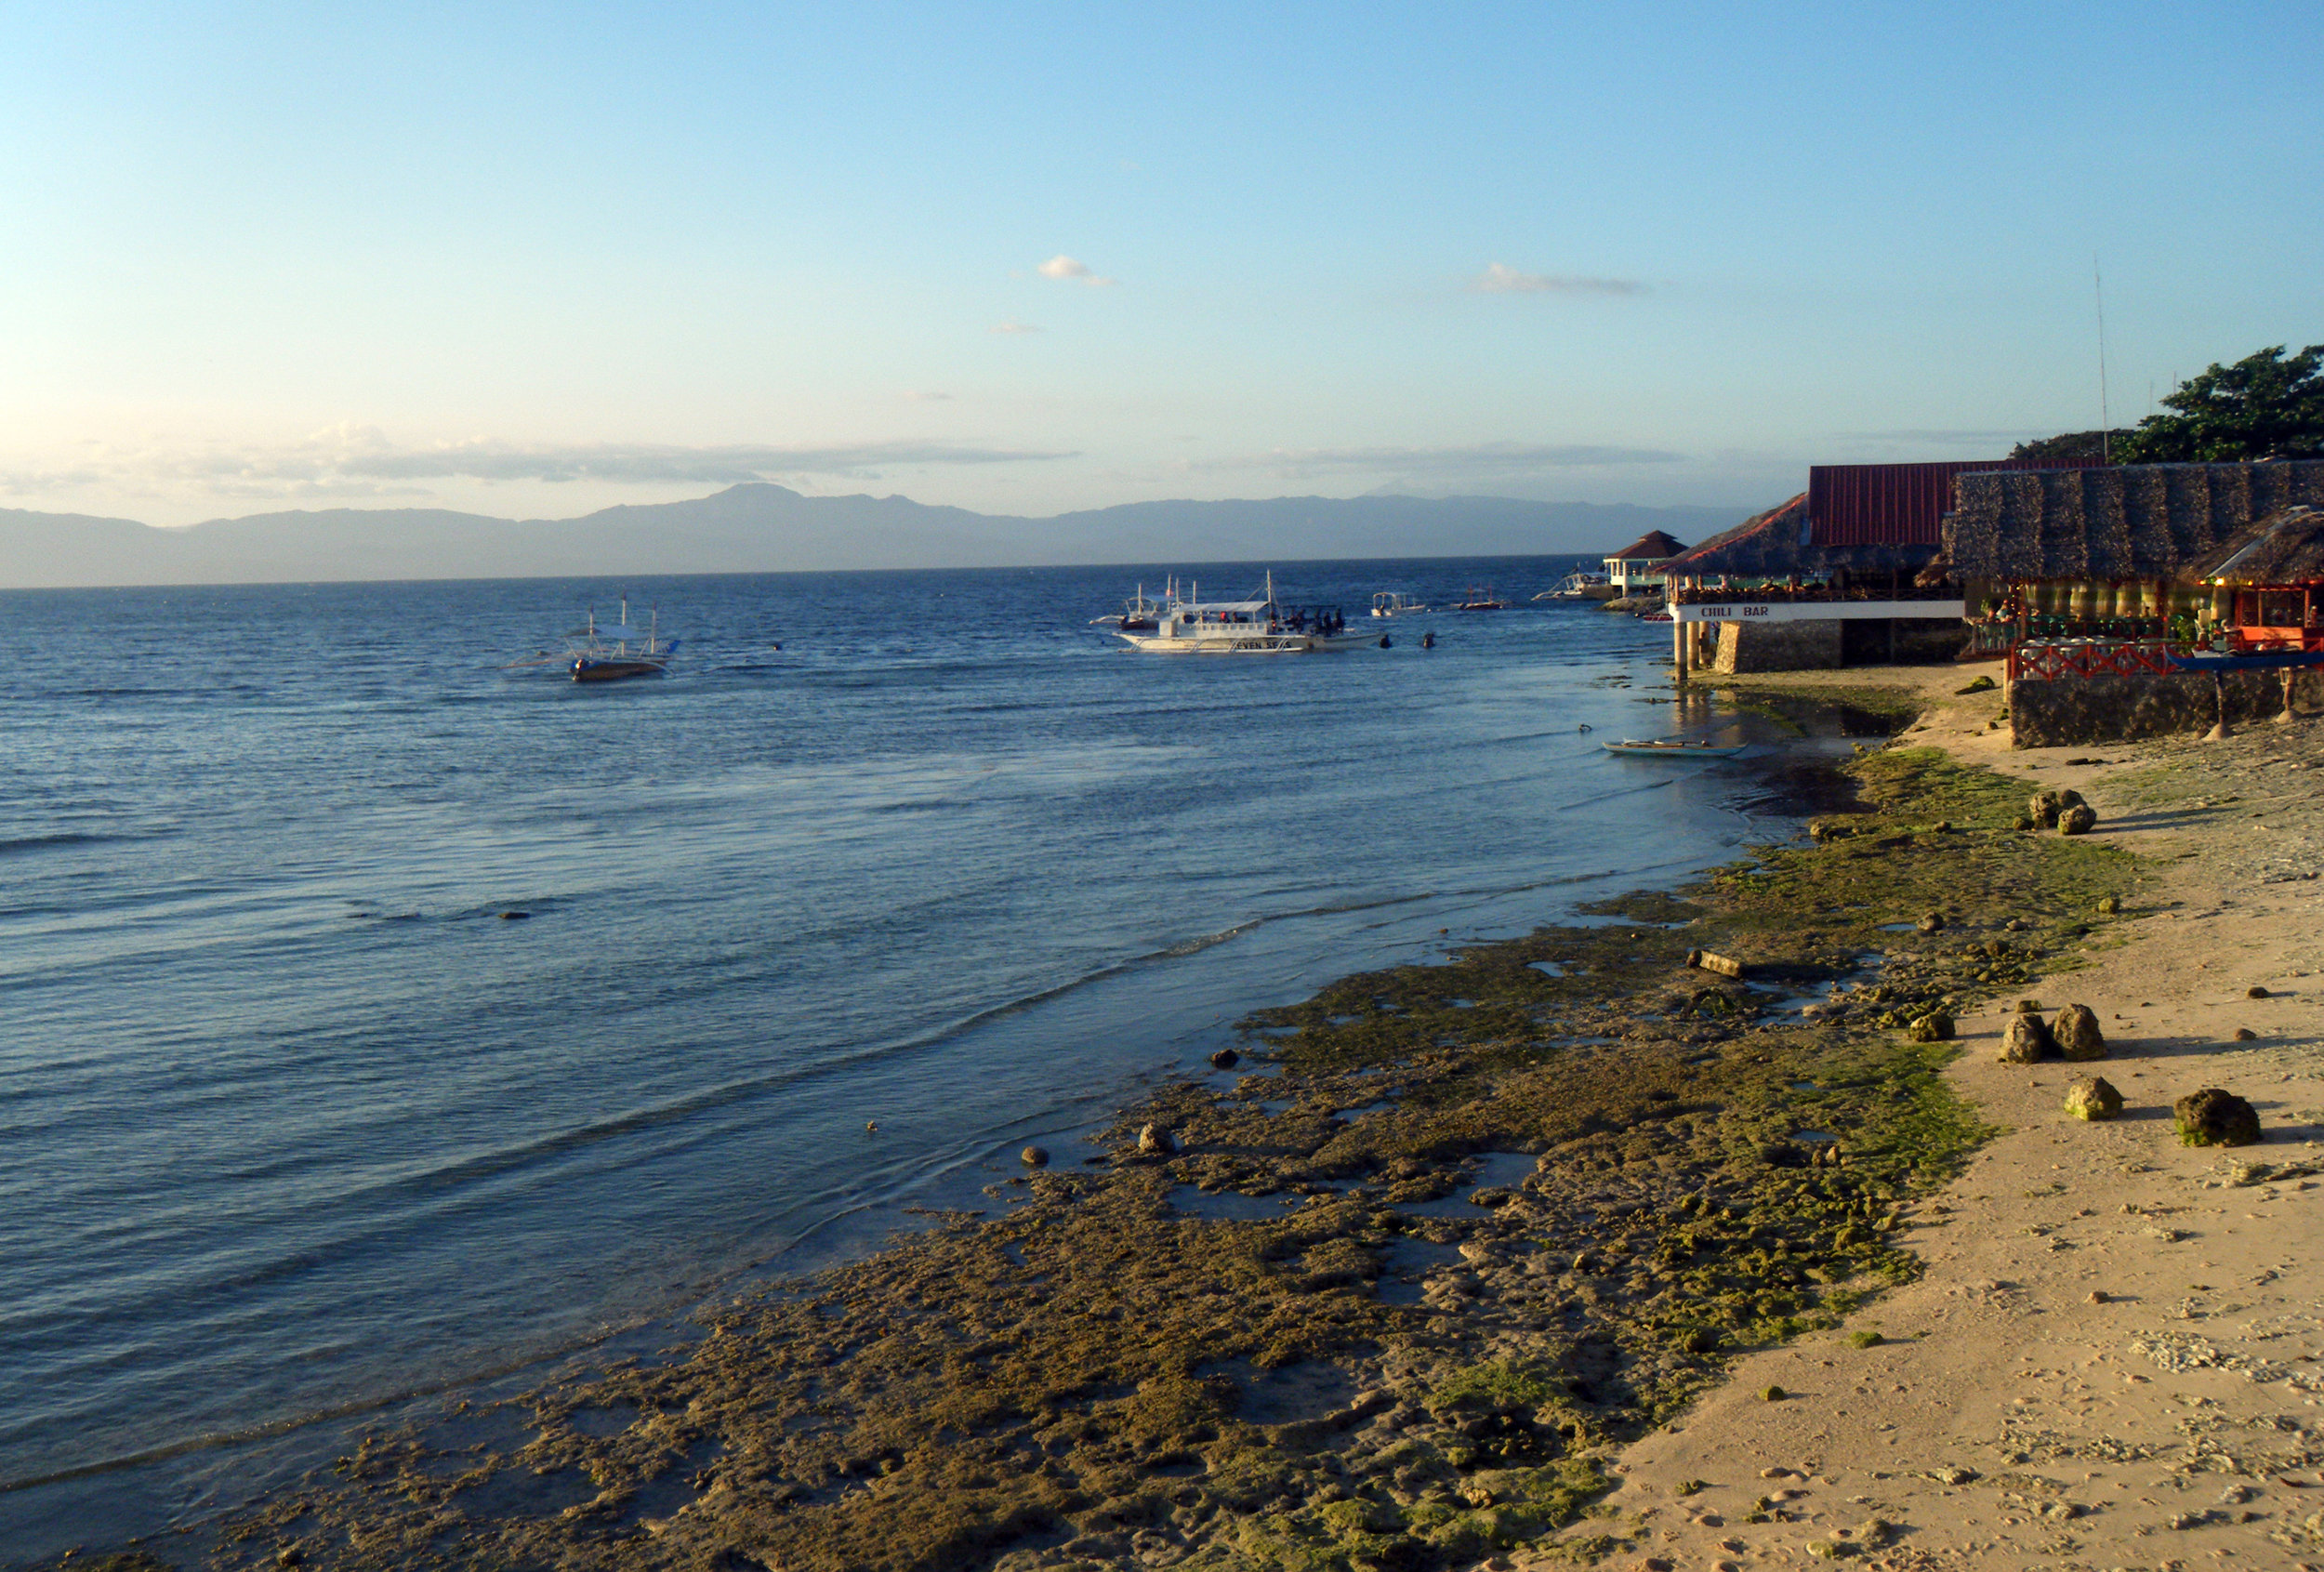 Panagsama Beach 2-10-13.jpg